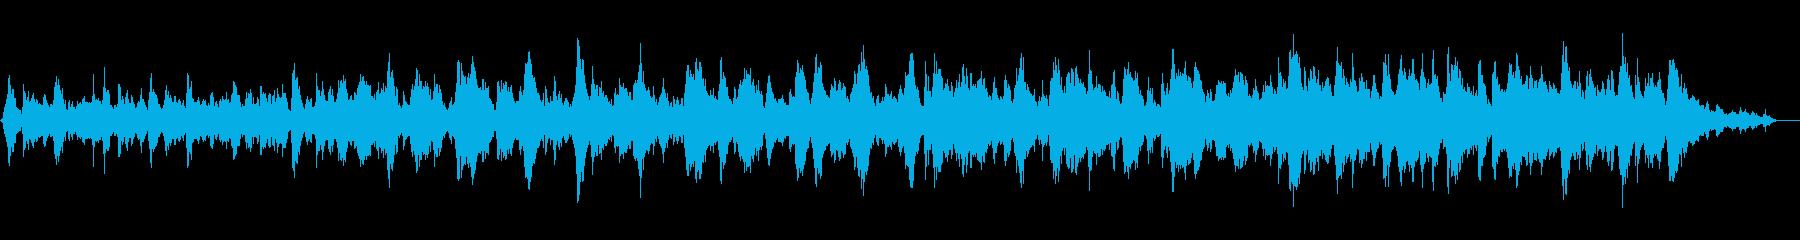 まどろむようなギターアンビエントの再生済みの波形